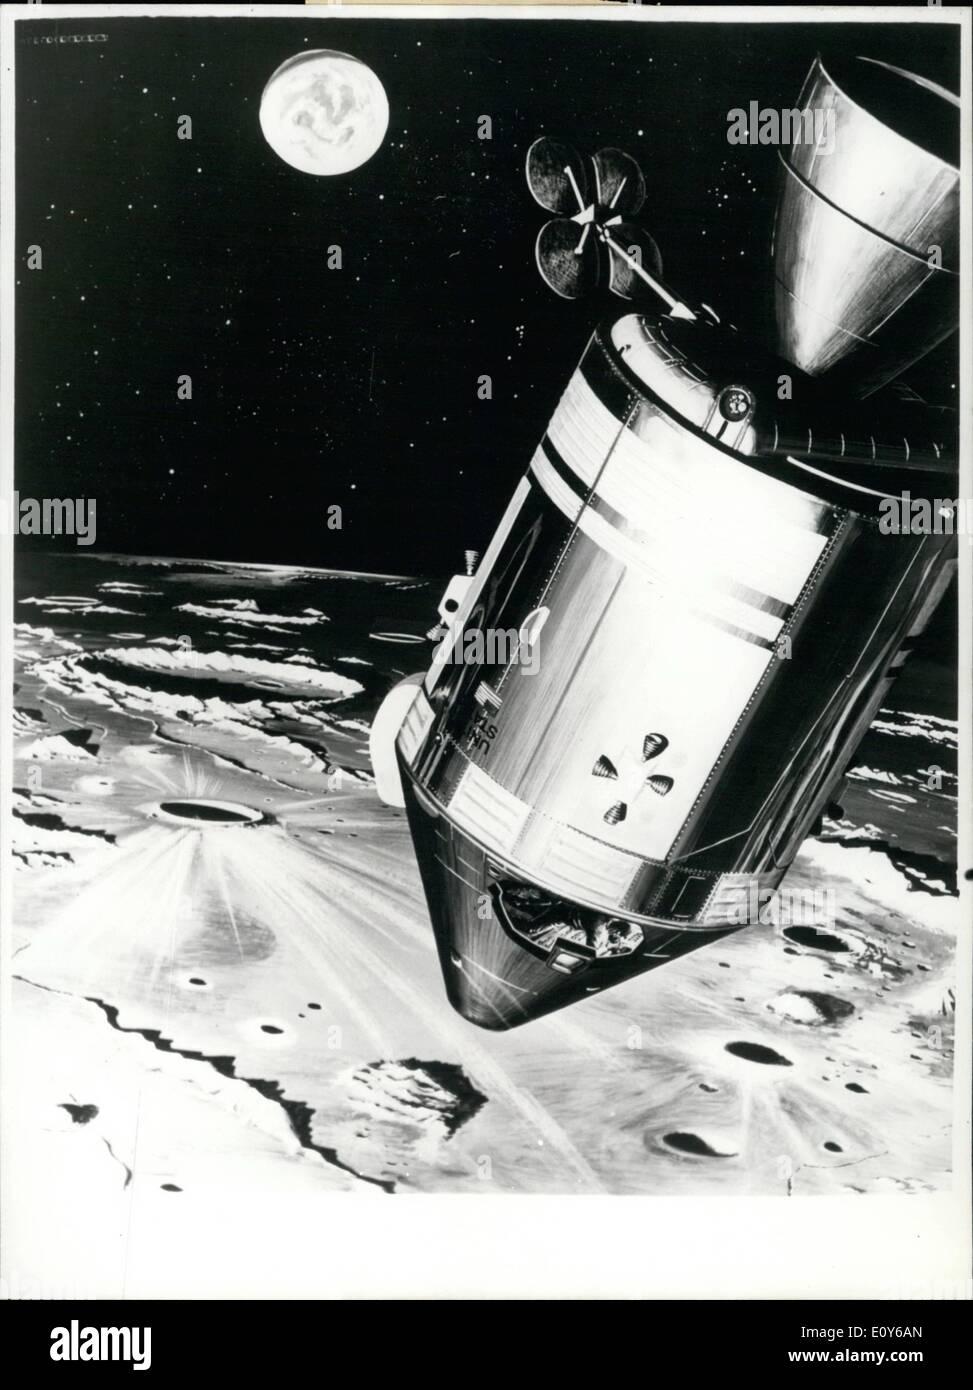 Risultati immagini per APOLLO 8 1968 IMMAGINI?